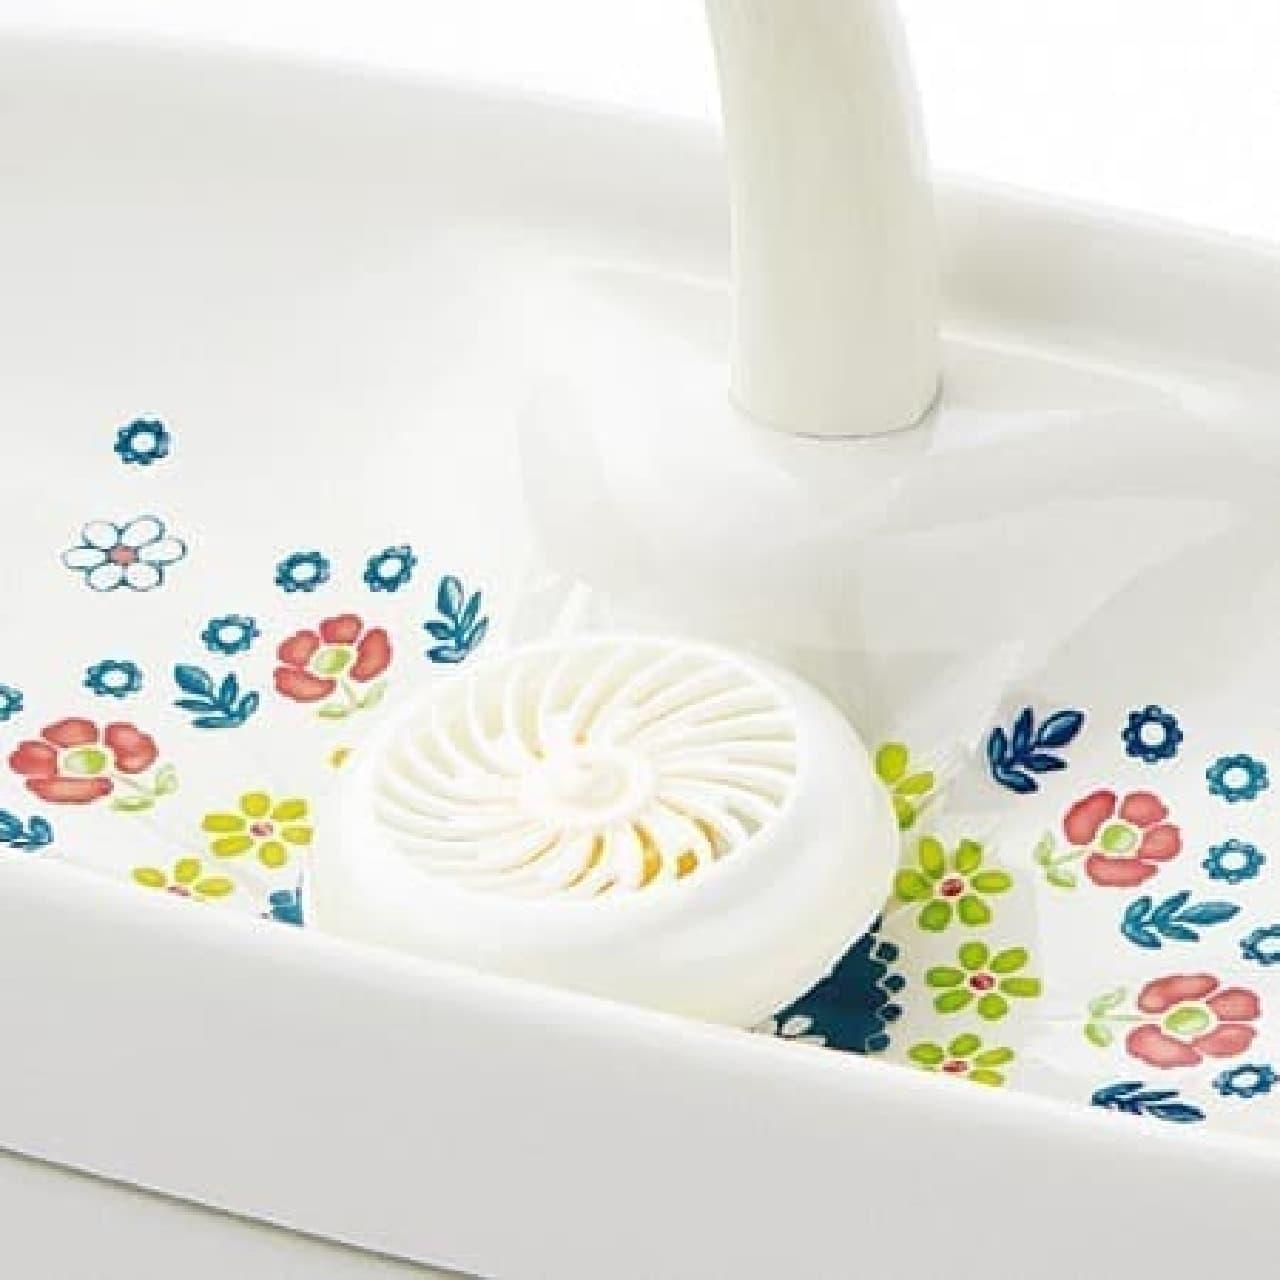 水洗トイレ用洗剤も一緒に使えます